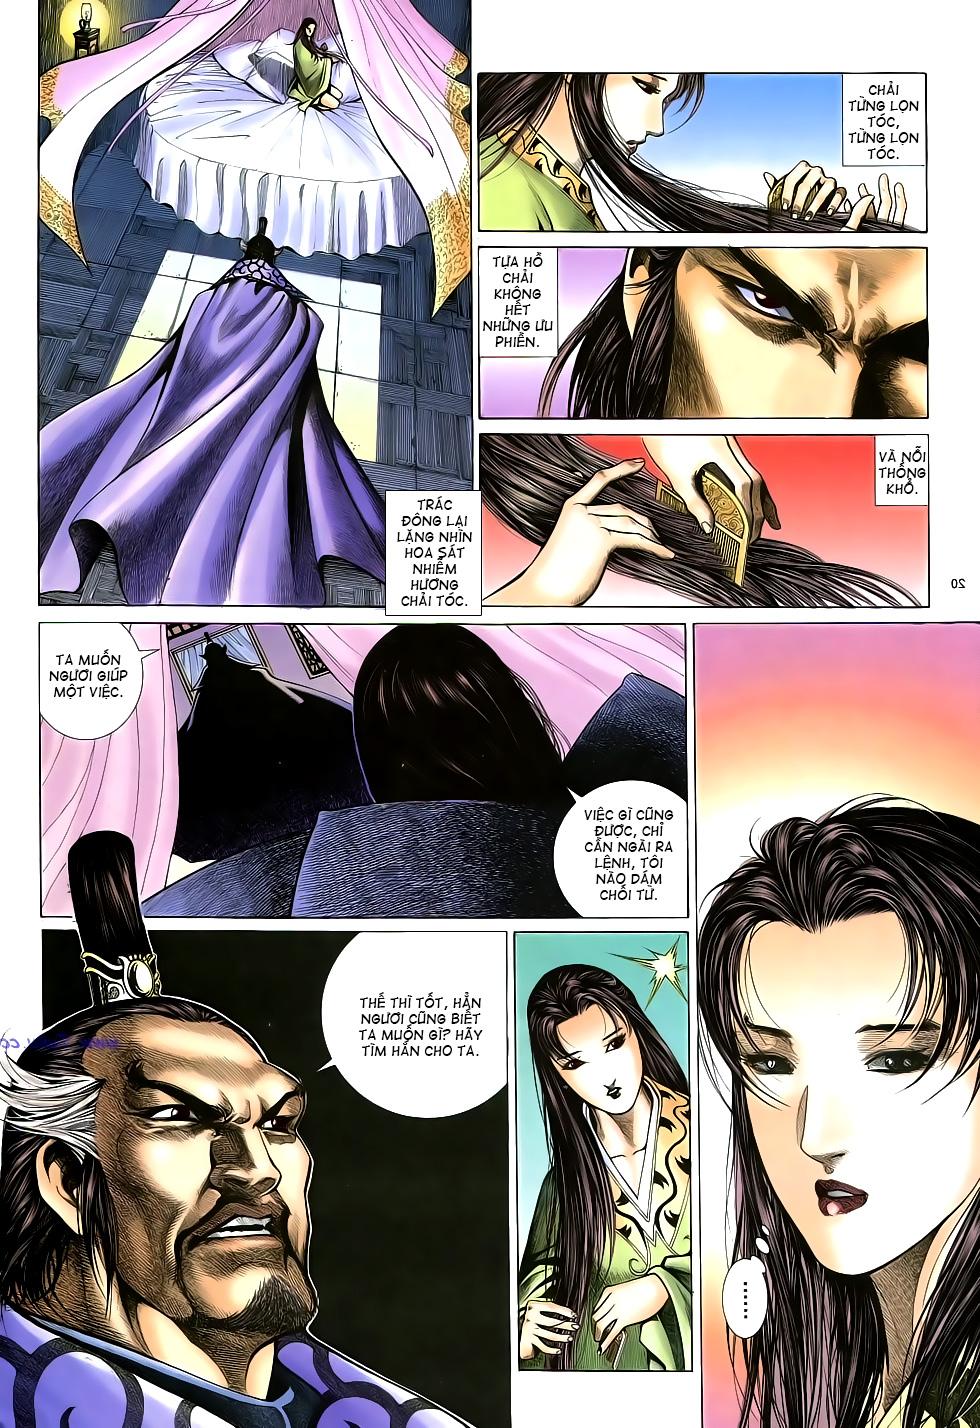 Anh hùng vô lệ Chap 16: Kiếm túy sư cuồng bất lưu đấu  trang 21